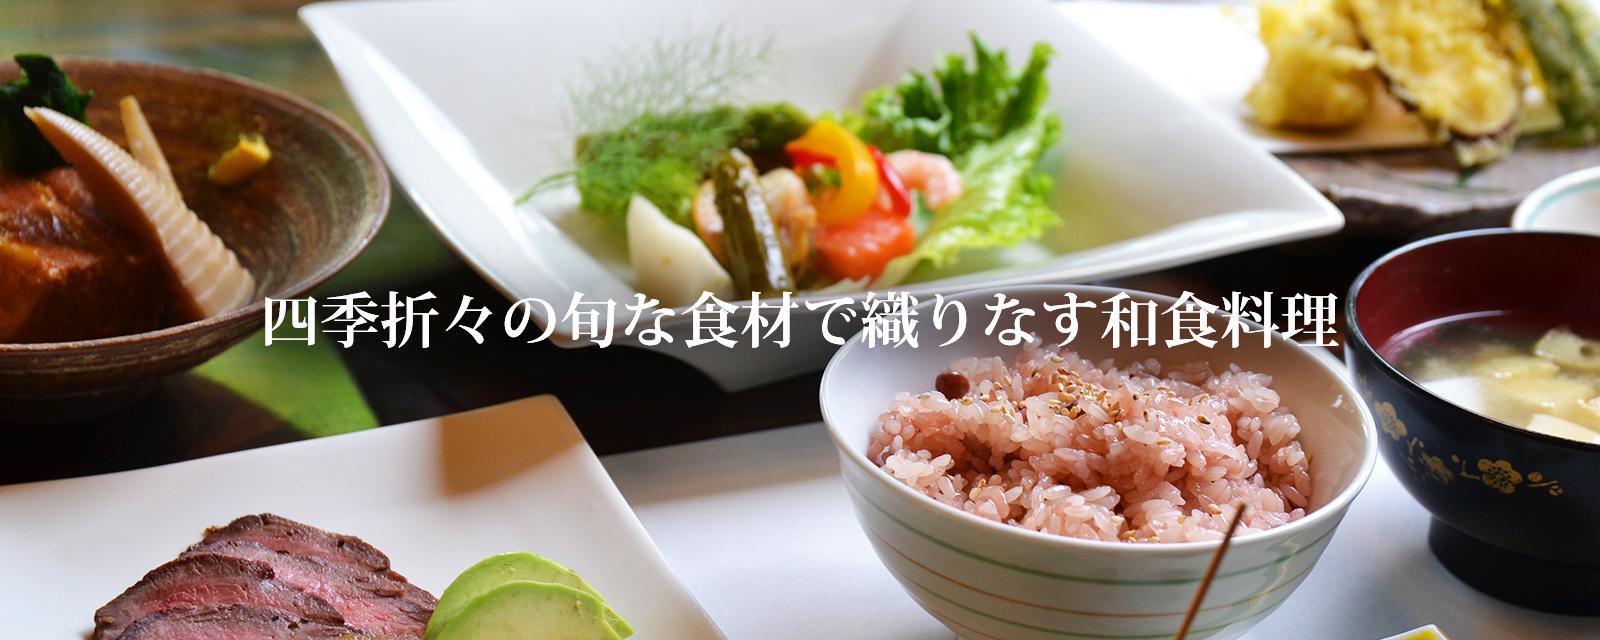 太田市-和食 元美